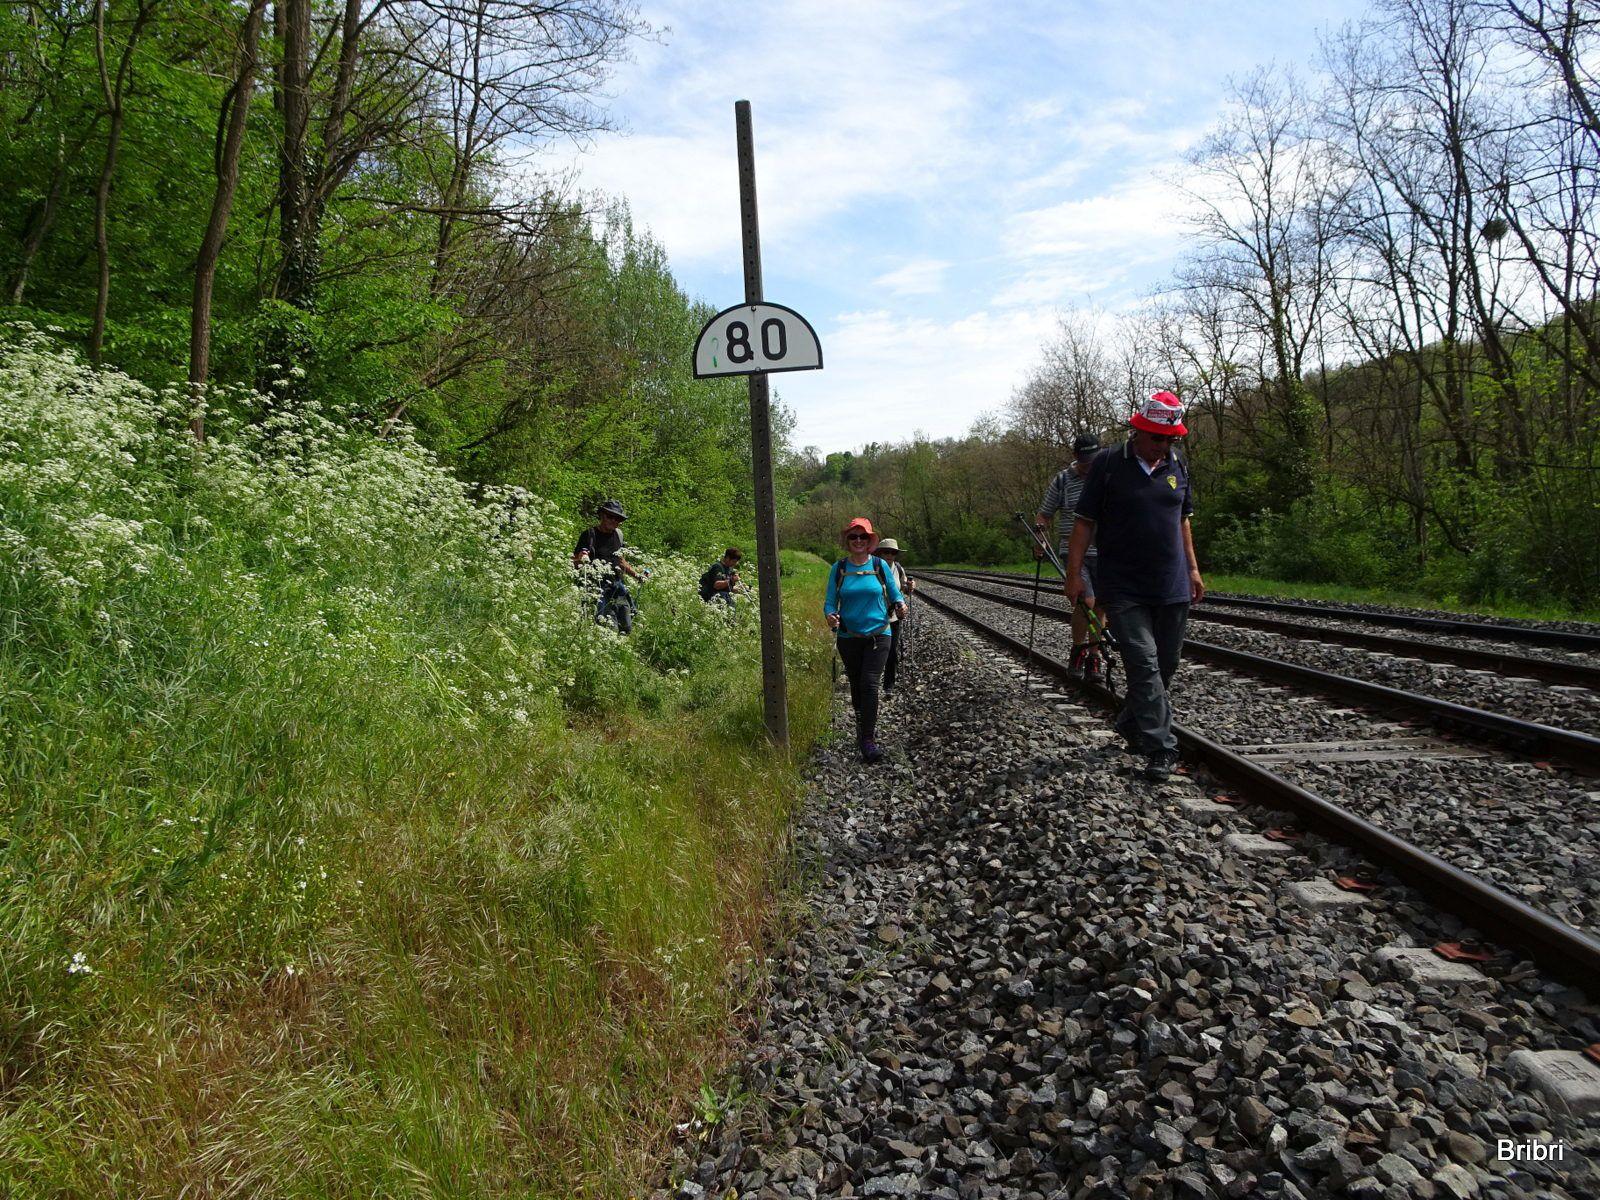 Demi-tour il est préférable de suivre la voie sur quelques mètres. C'est sur ces cailloux que je vais choir et avoir mal au genou plusieurs jours. Heureusement pas de train durant notre traversée !